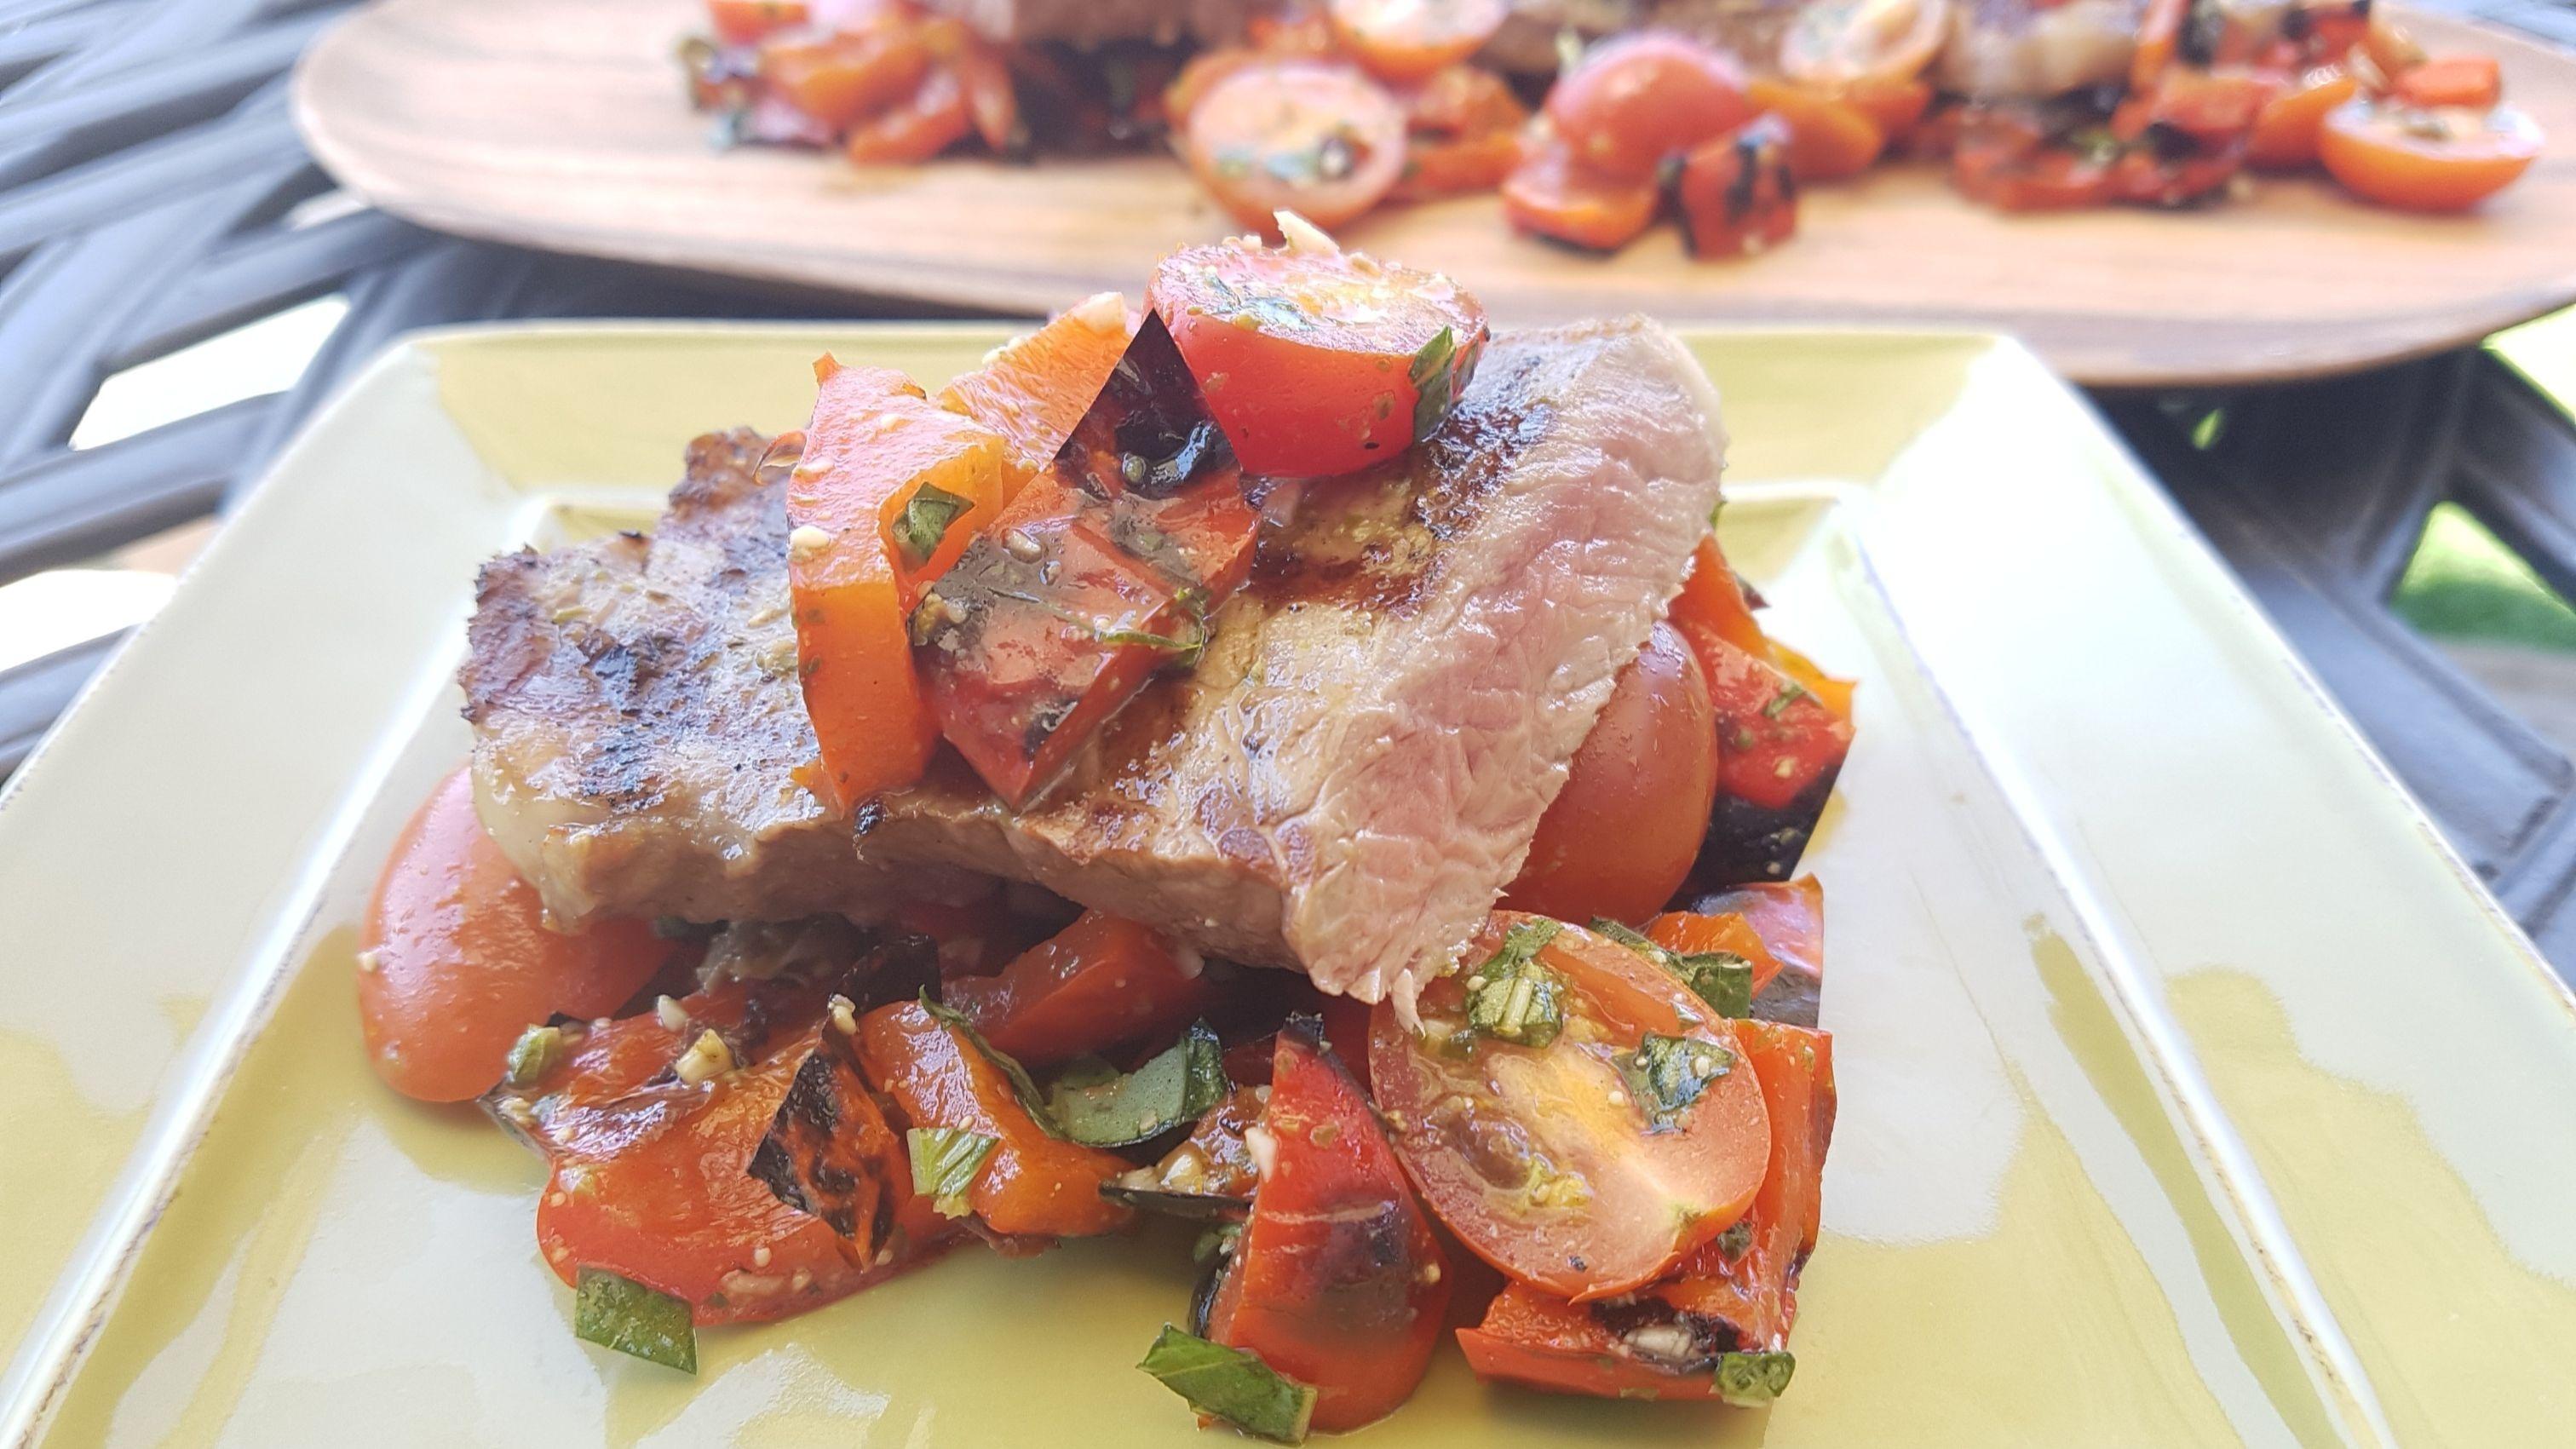 Grilled steak puttenesca